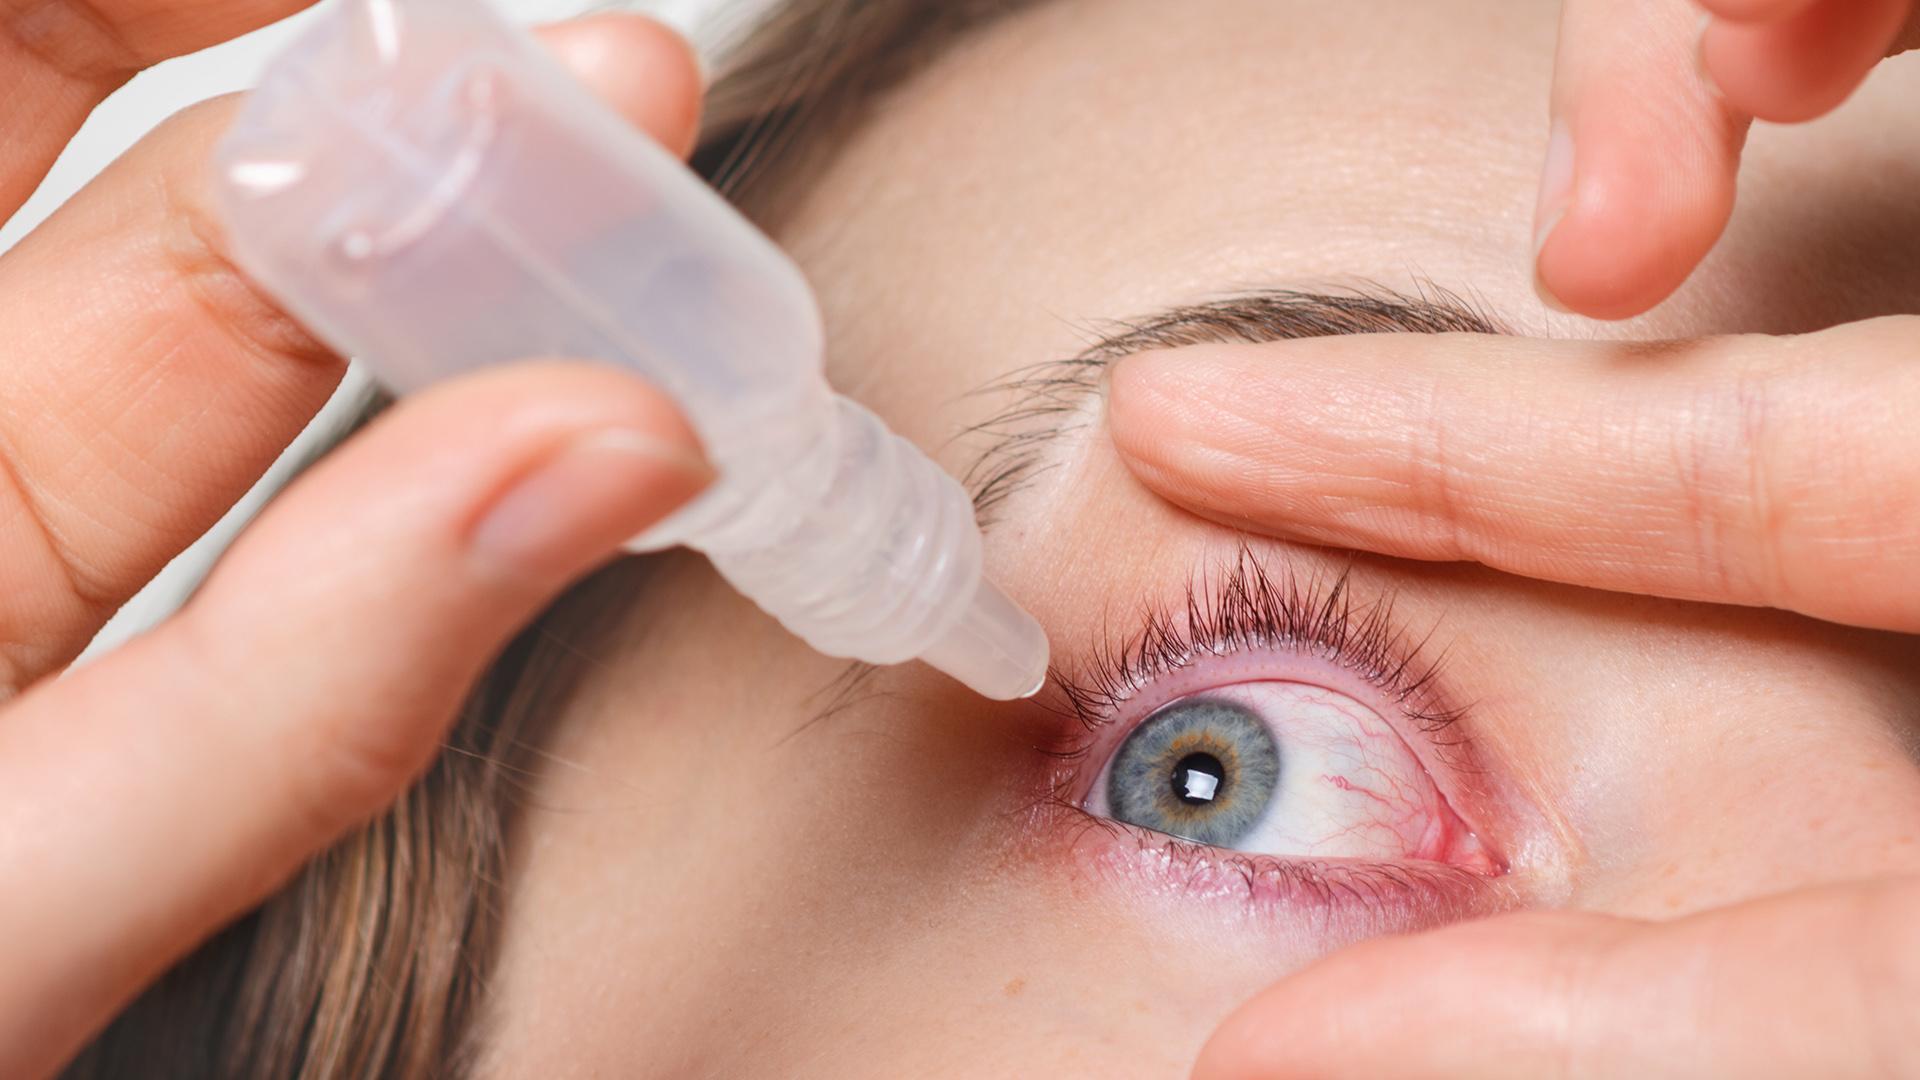 Зудит и режет: как распознать синдром сухого глаза?